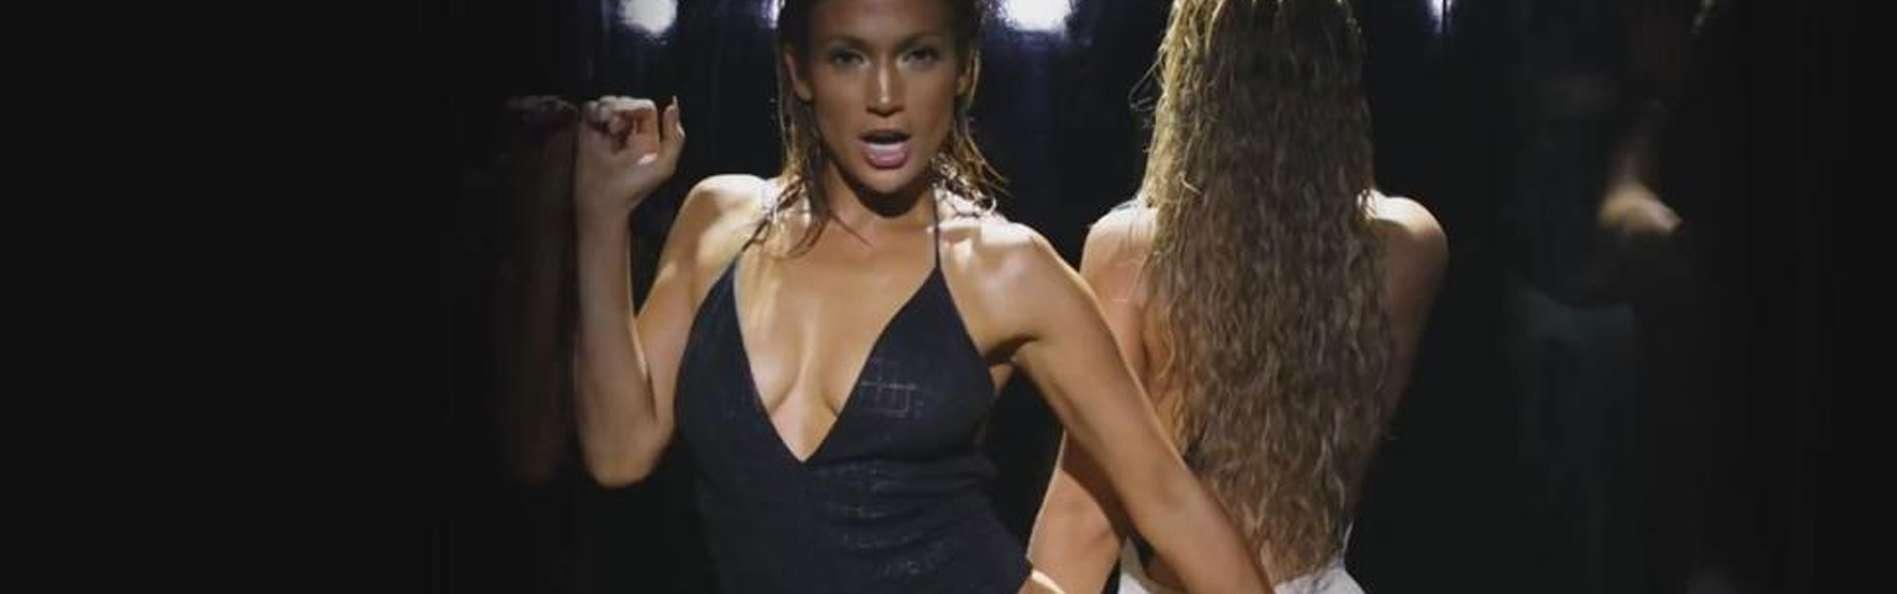 Jennifer Lopez, Booty. Foto: Vevo